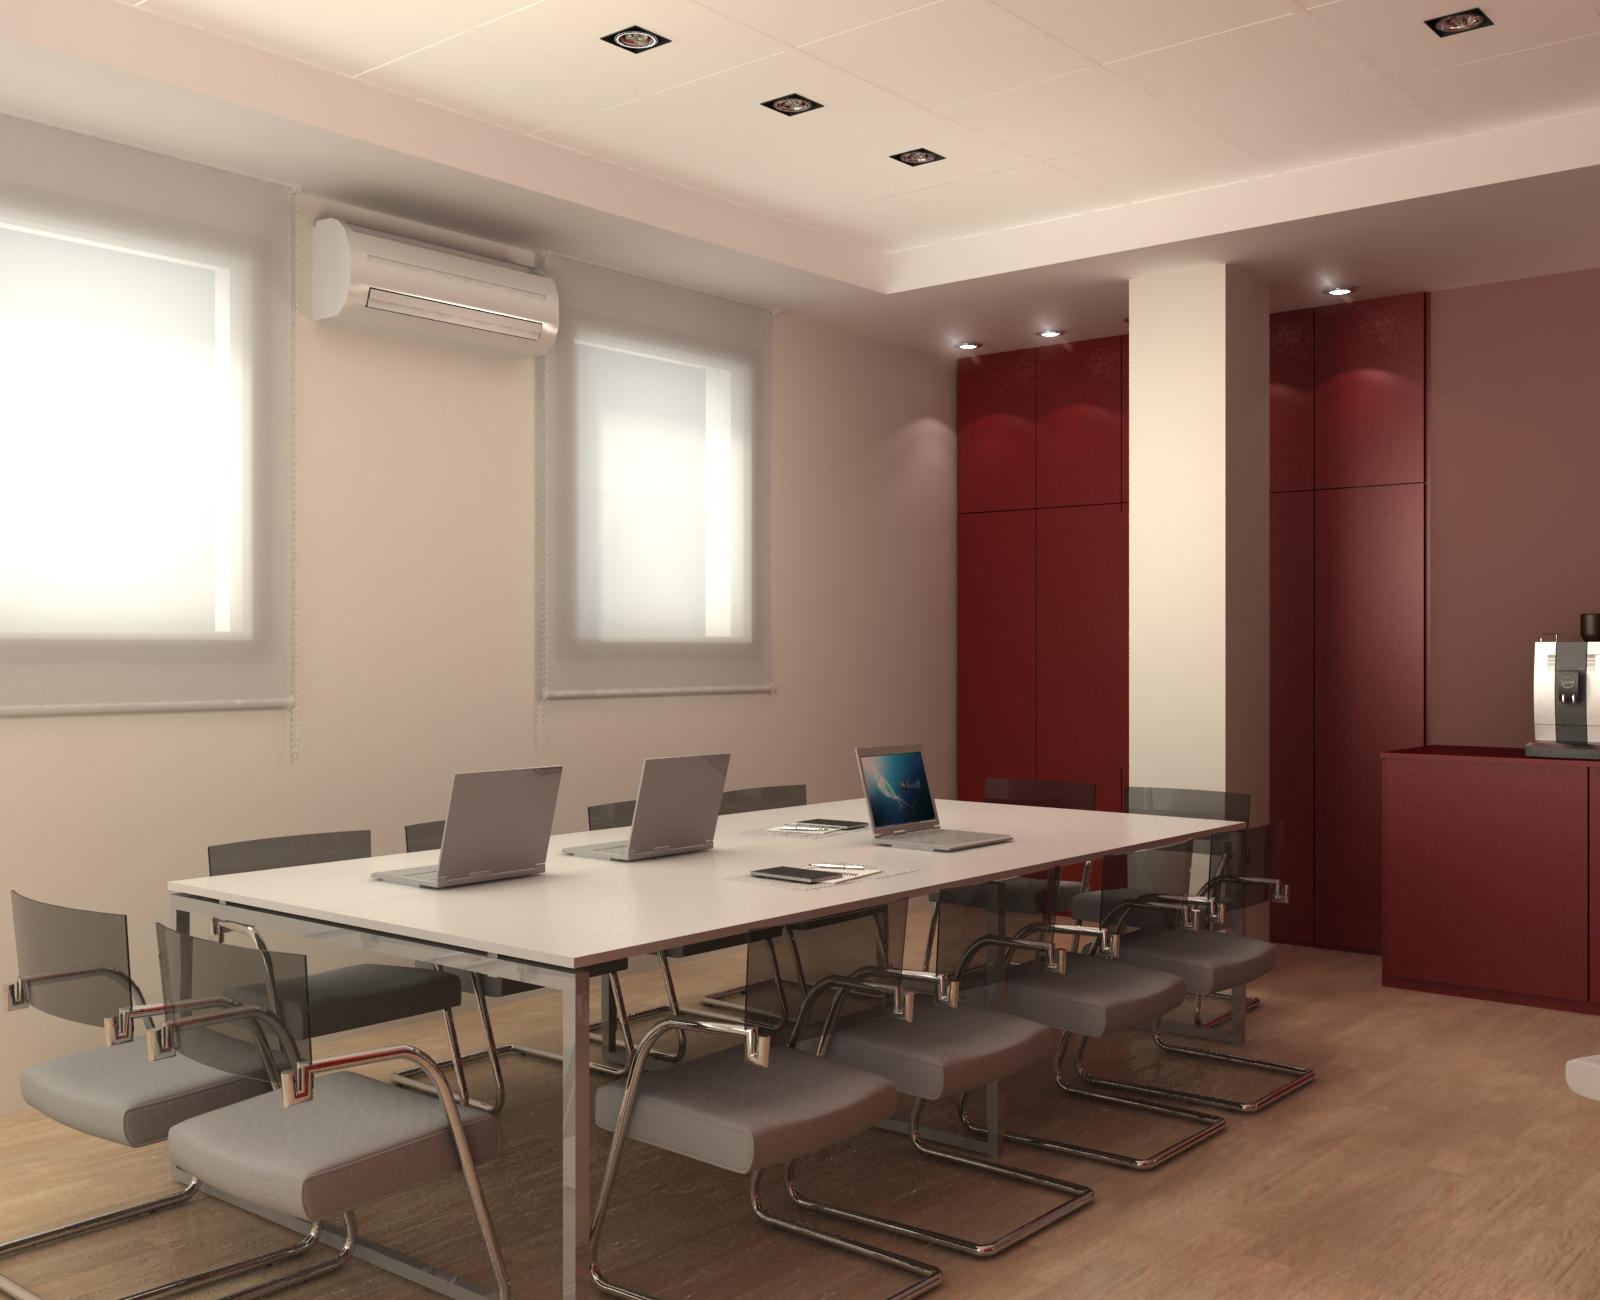 Atrezzo 3d reforma en sala de reuniones for Sala de reuniones